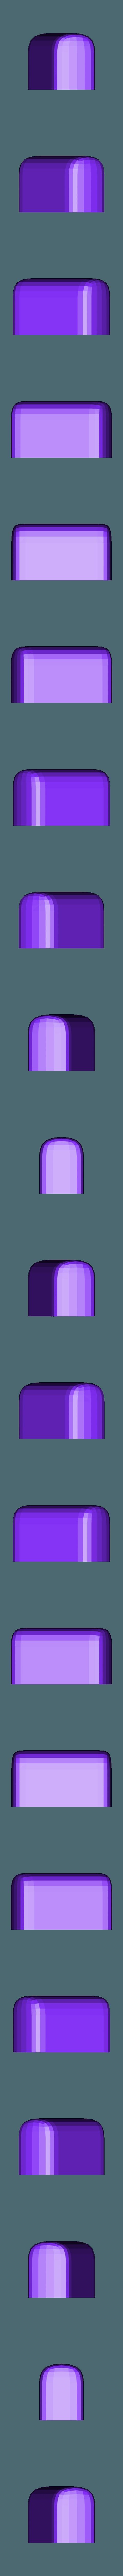 donuts_cazzillo_new3.stl Télécharger fichier STL gratuit Porte-clé Donut • Objet pour impression 3D, 2be3d